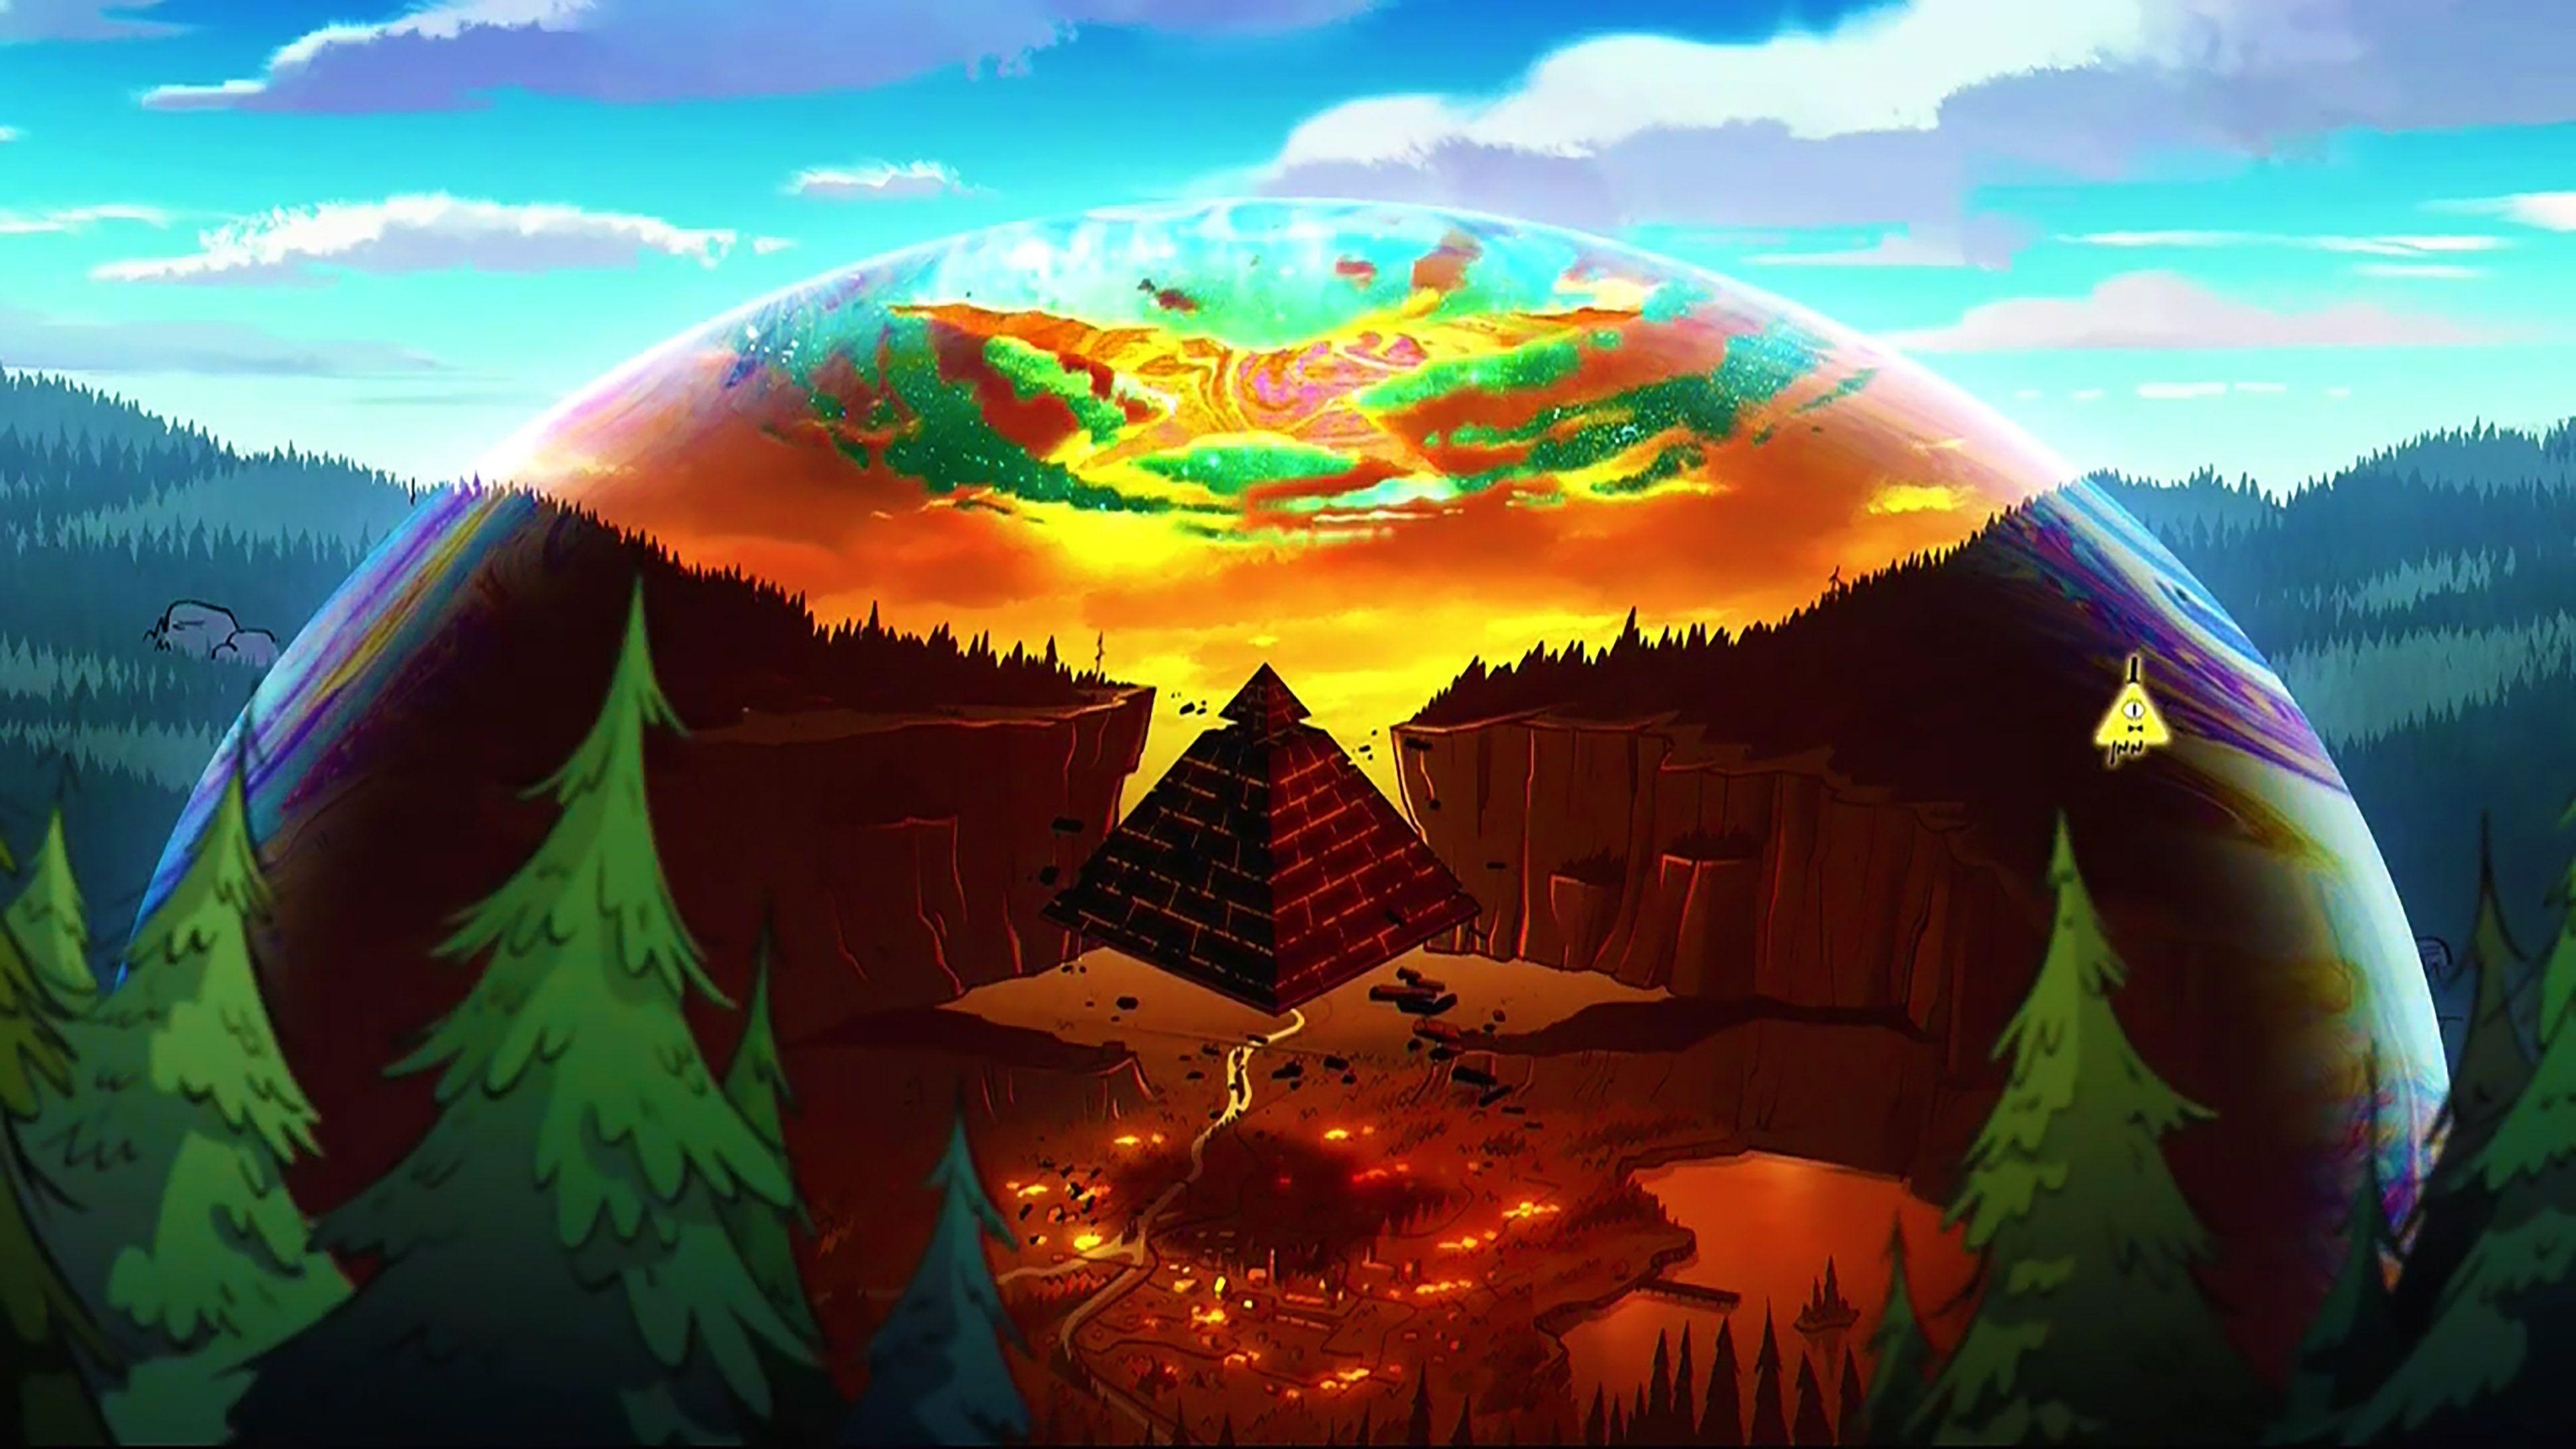 Gravity Falls Wallpaper 4K Wallpaper Zone (Dengan gambar)